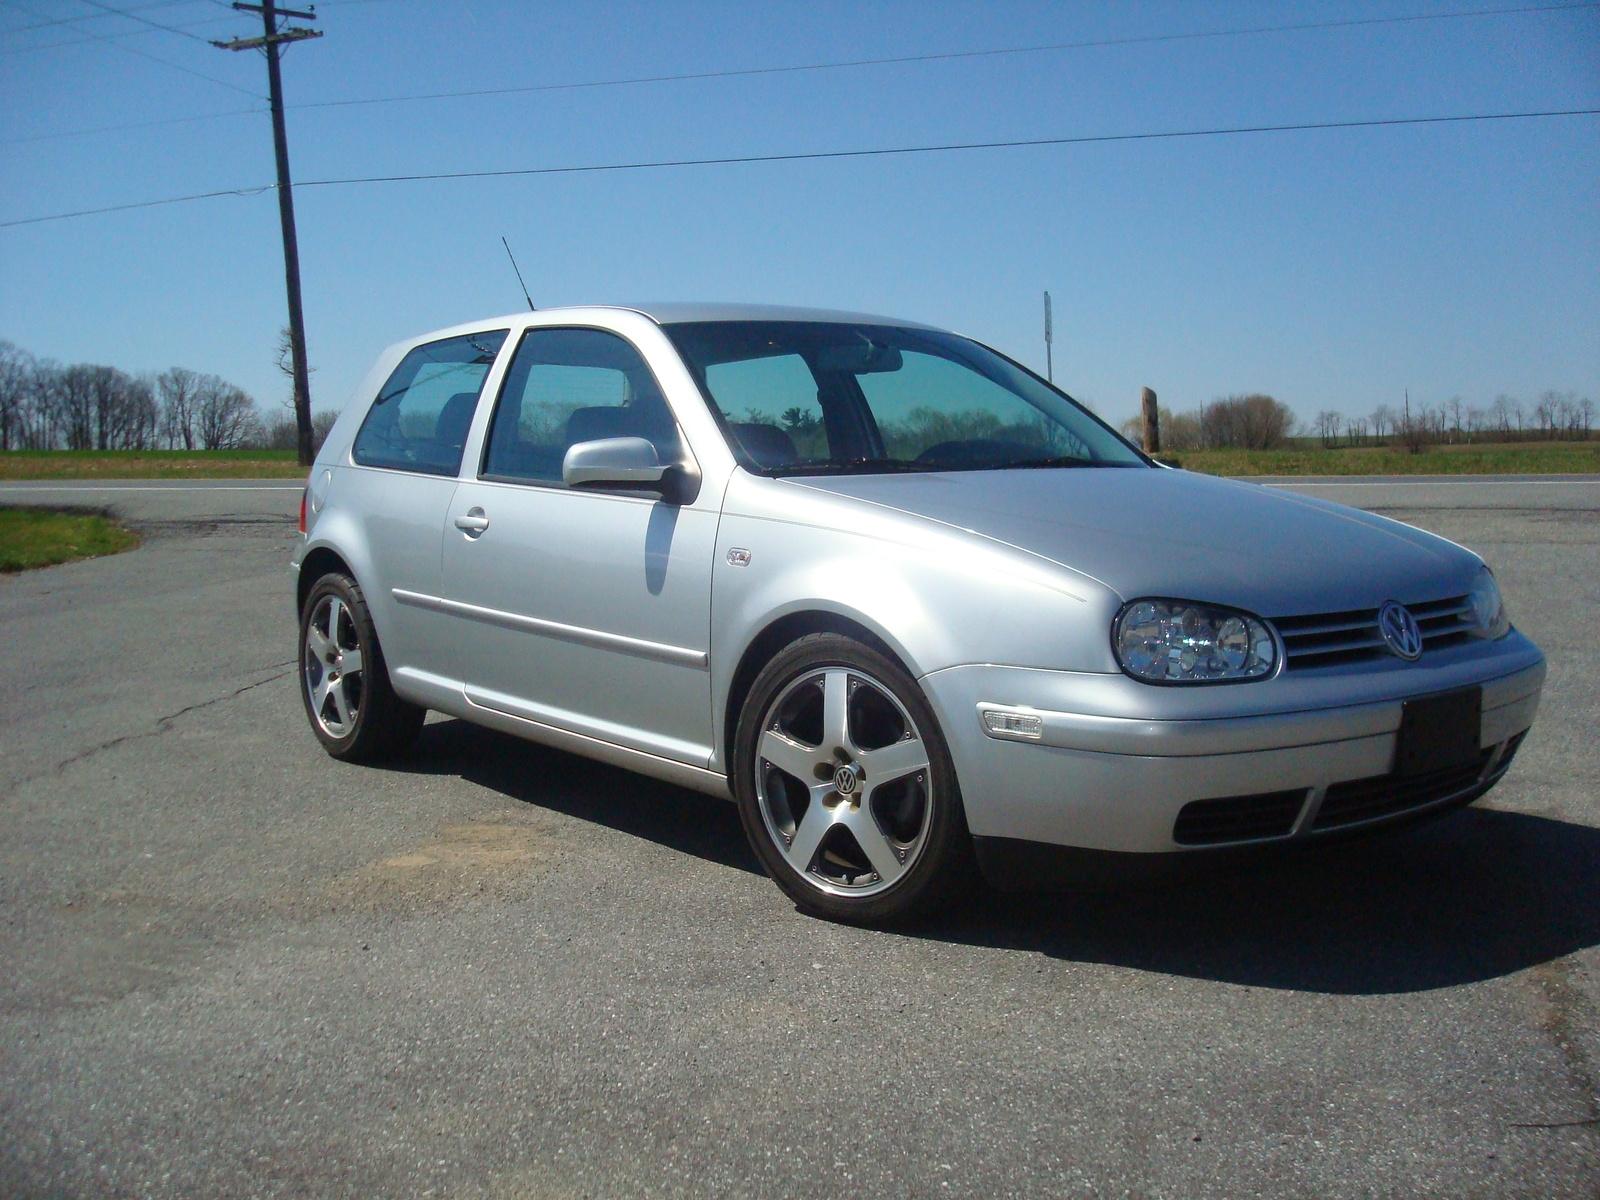 Volkswagen Gti Vr6 Specs >> 2002 Volkswagen GTI - Pictures - CarGurus